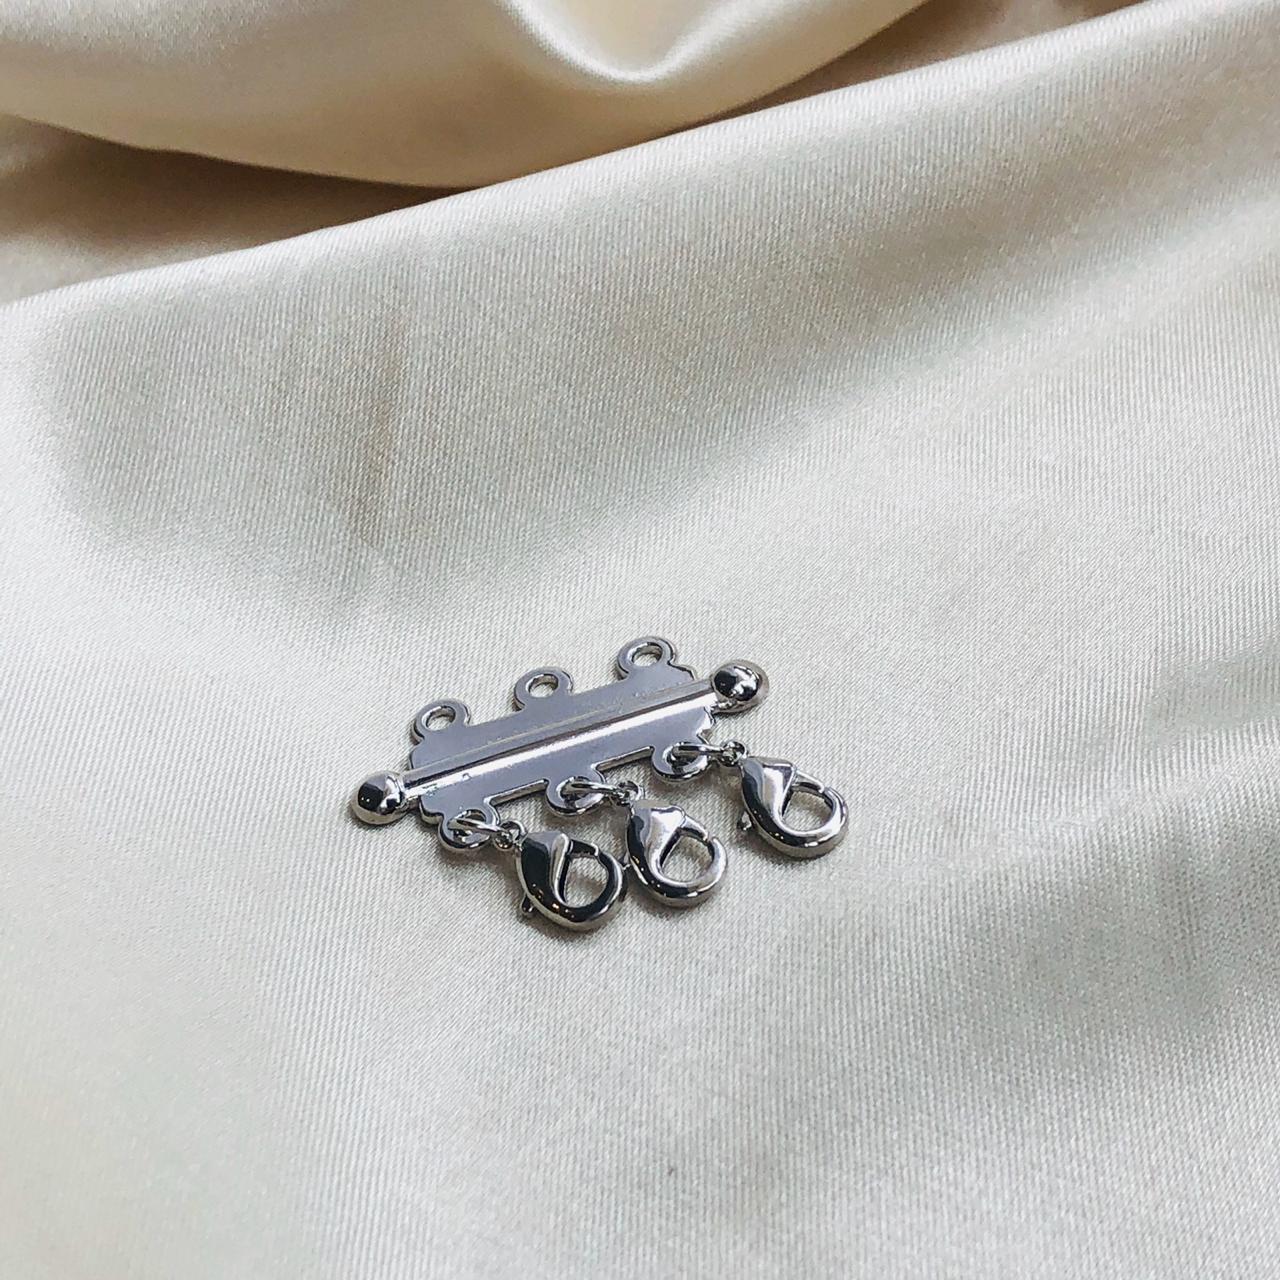 Separador de Colares Banhado em Ródio Branco